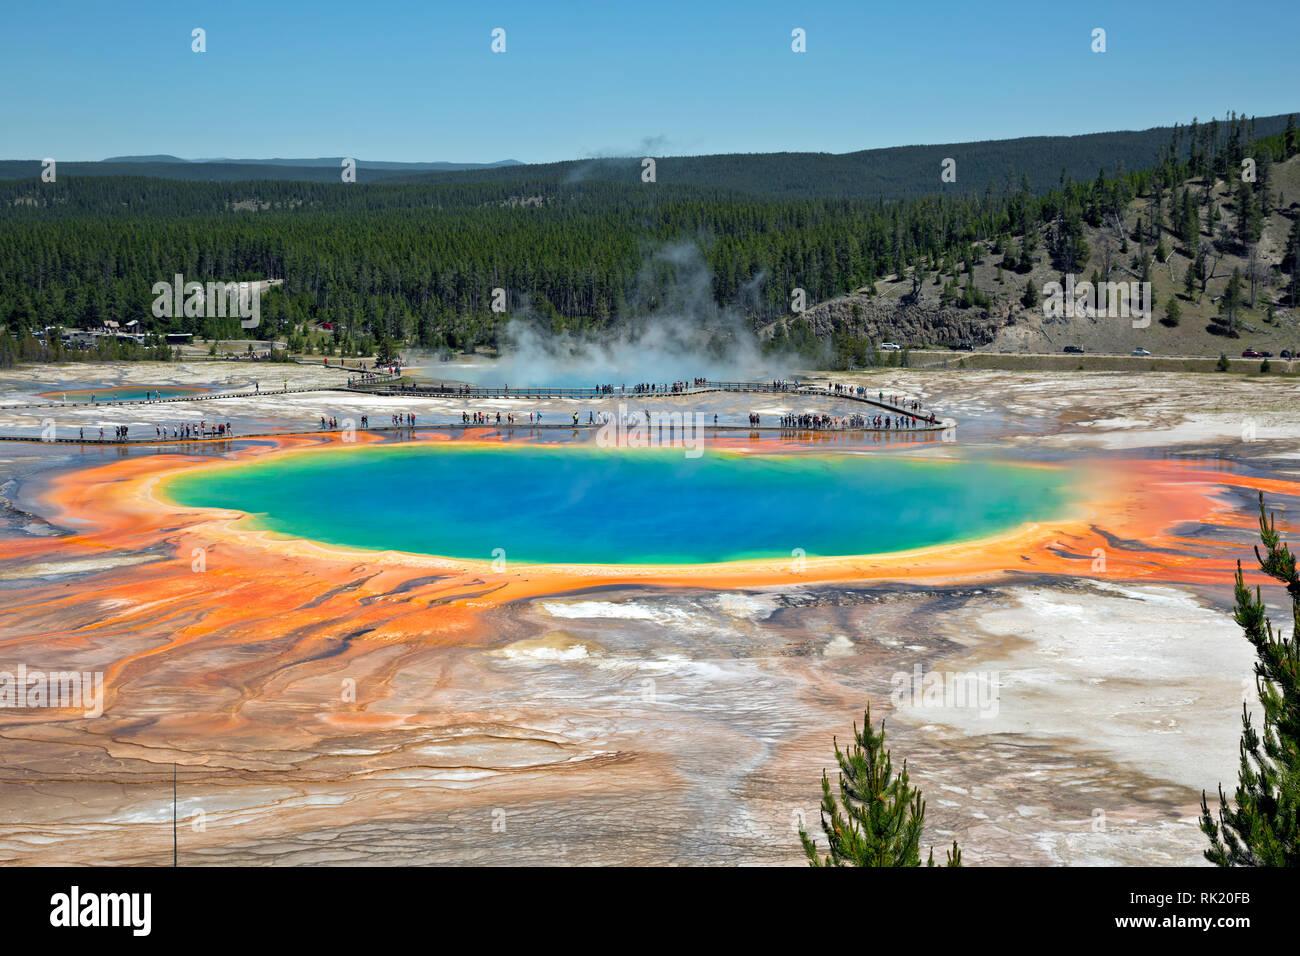 WY03388-00...Wyoming - Grand Prismatic Spriing en el Midway Geyser Basin del Parque Nacional de Yellowstone. Foto de stock